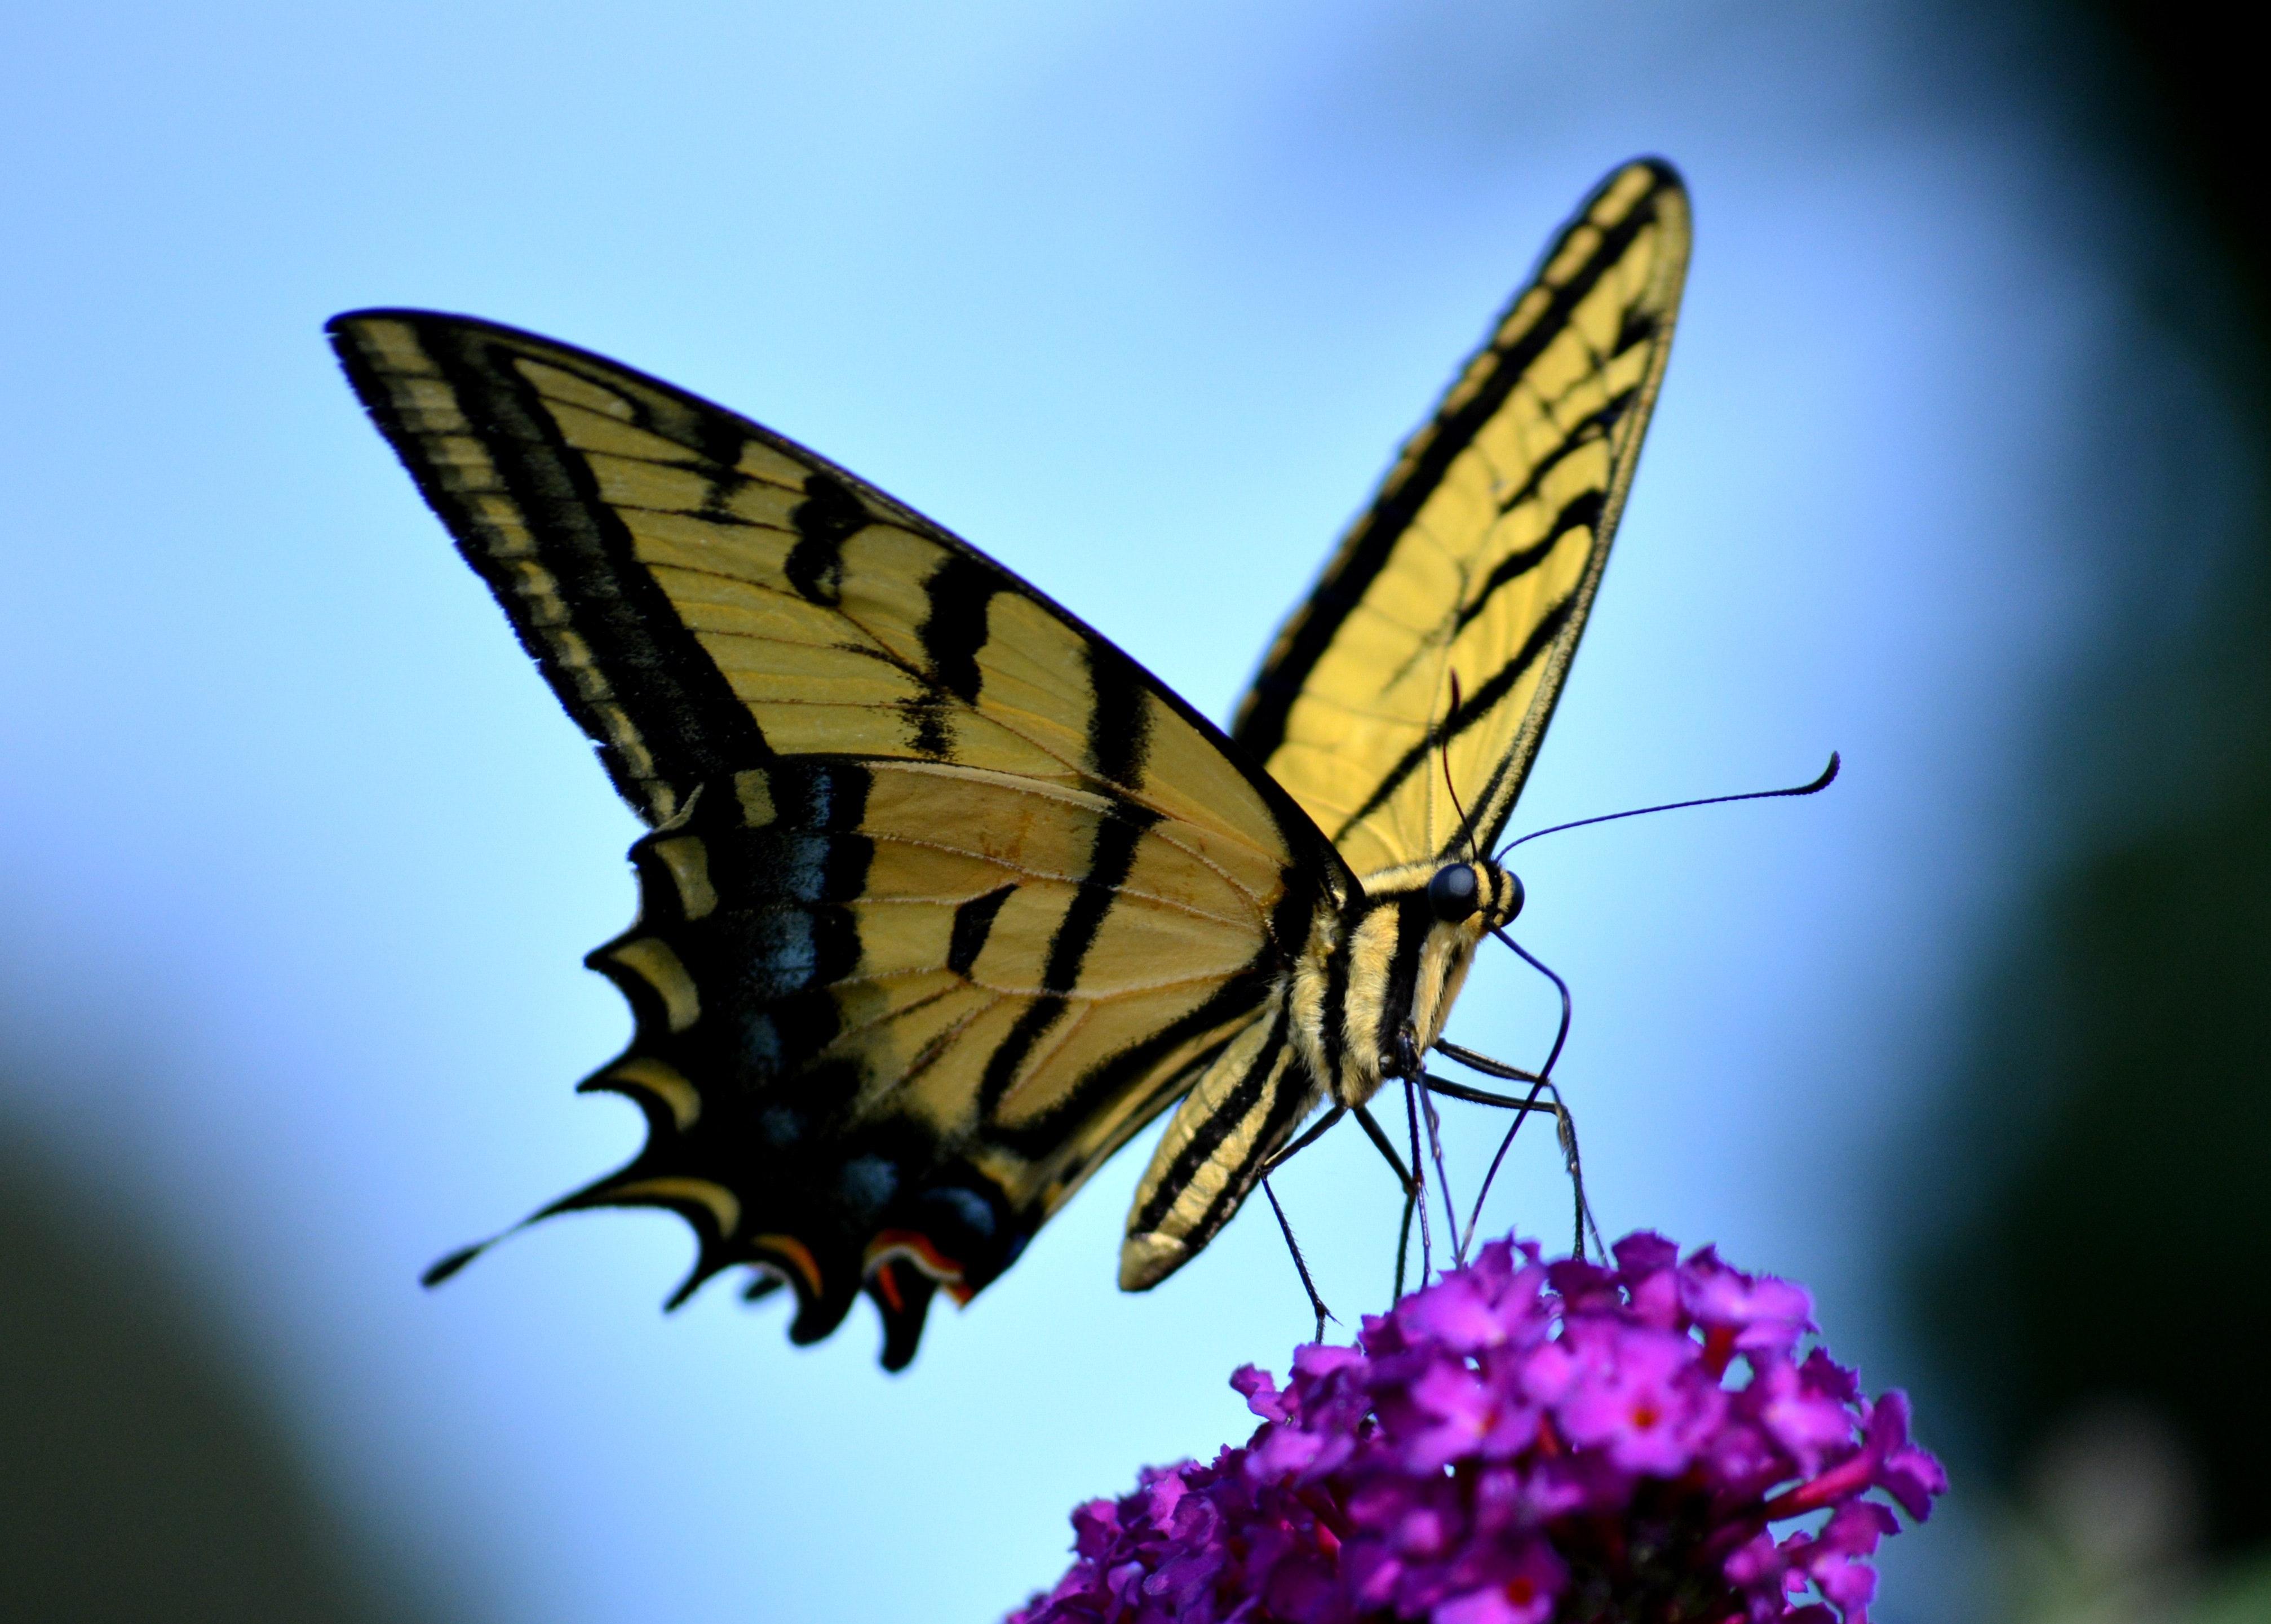 Hình ảnh bướm vàng đậu trên khóm hoa tím